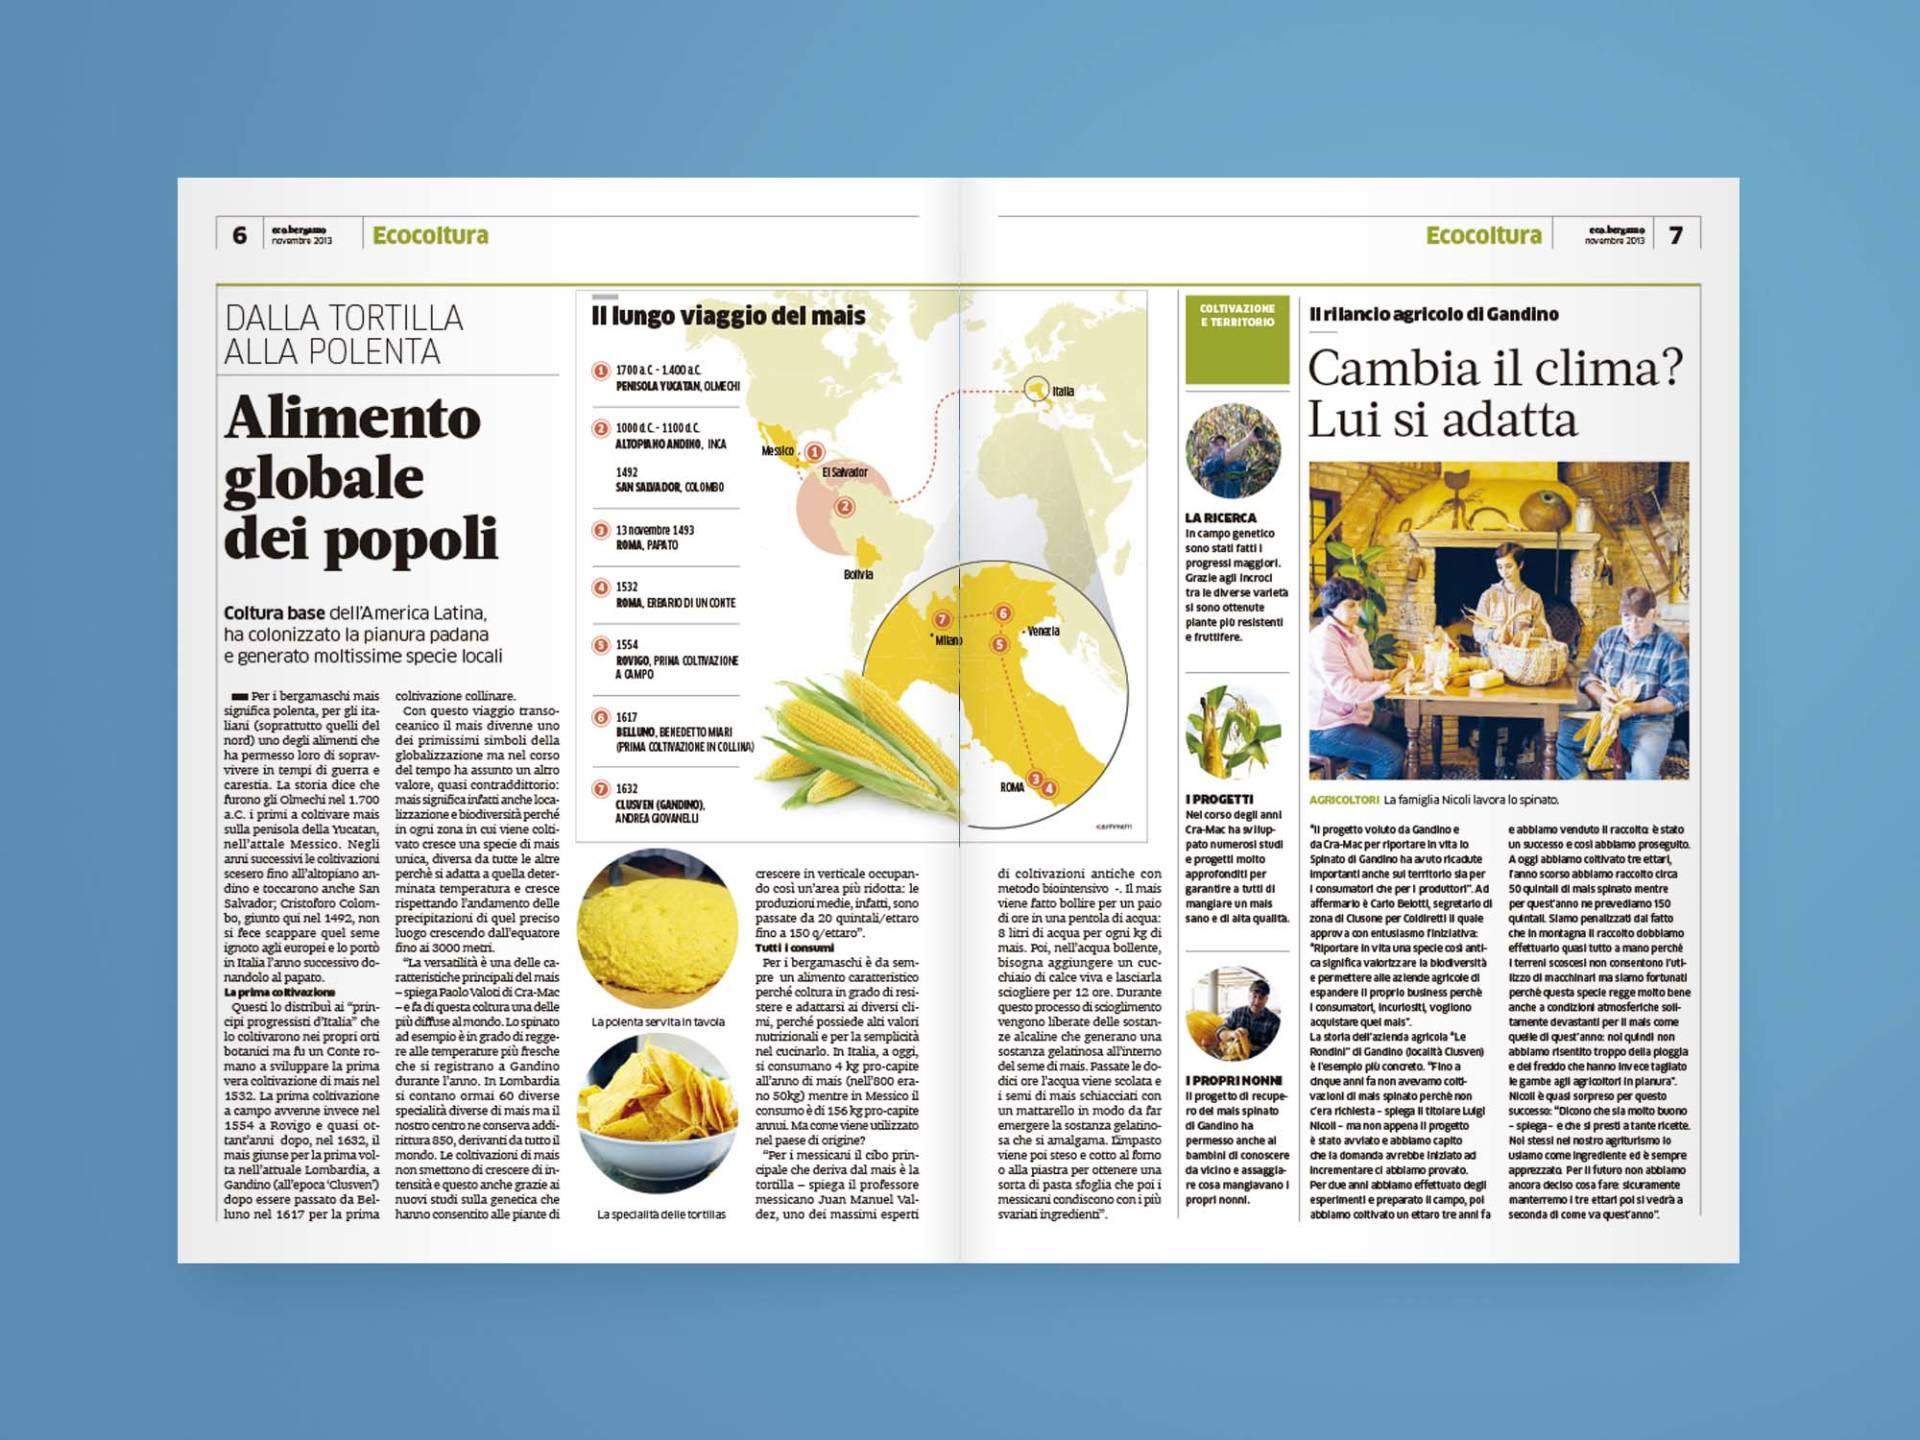 Eco.bergamo_06_Wenceslau_News_Design